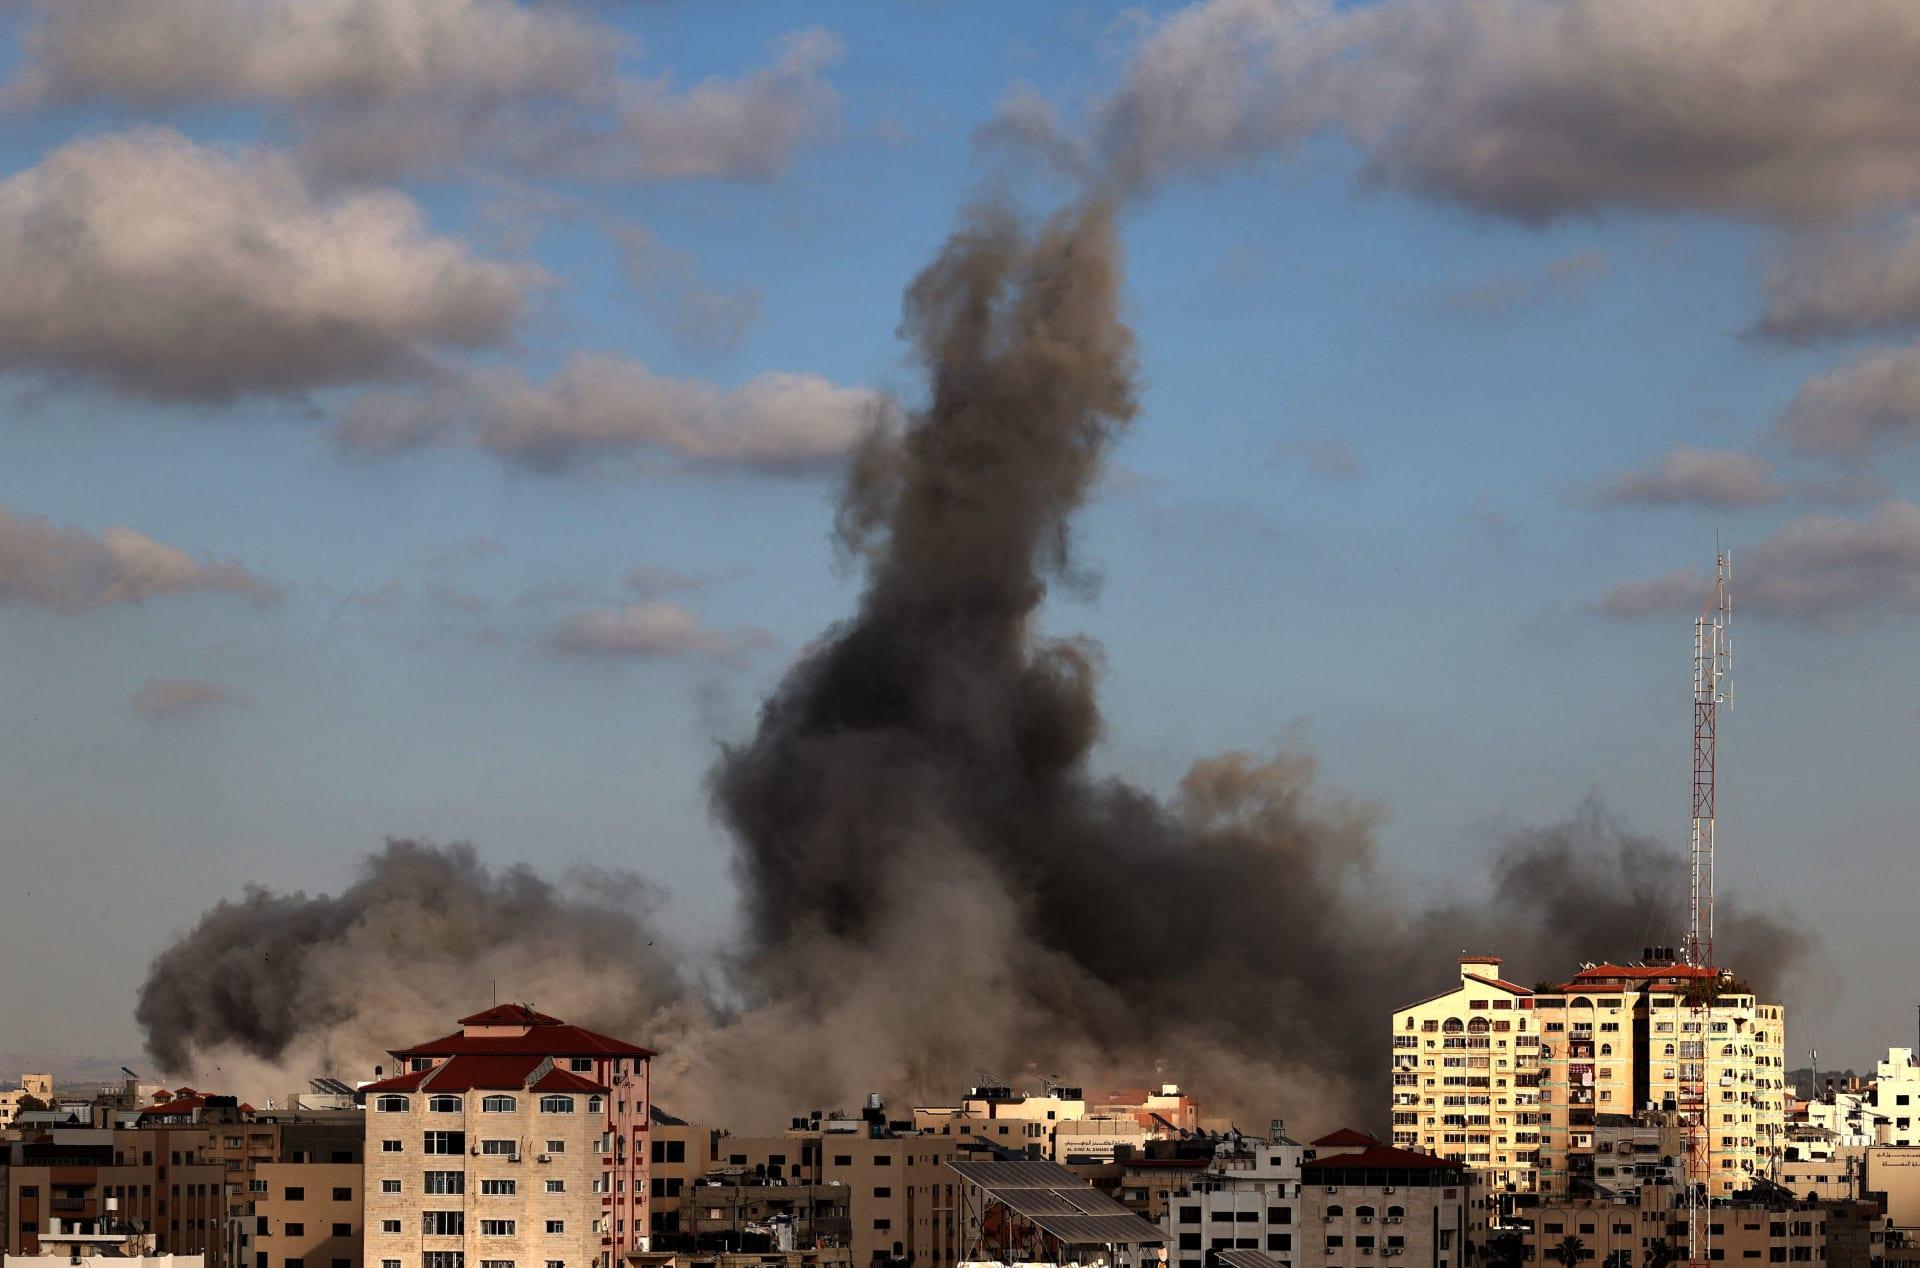 هل تبدأ حرب جديدة بغزة .. جيش الاحتلال رفع الجهوزية والمقاومة جاهزة لأي سيناريو